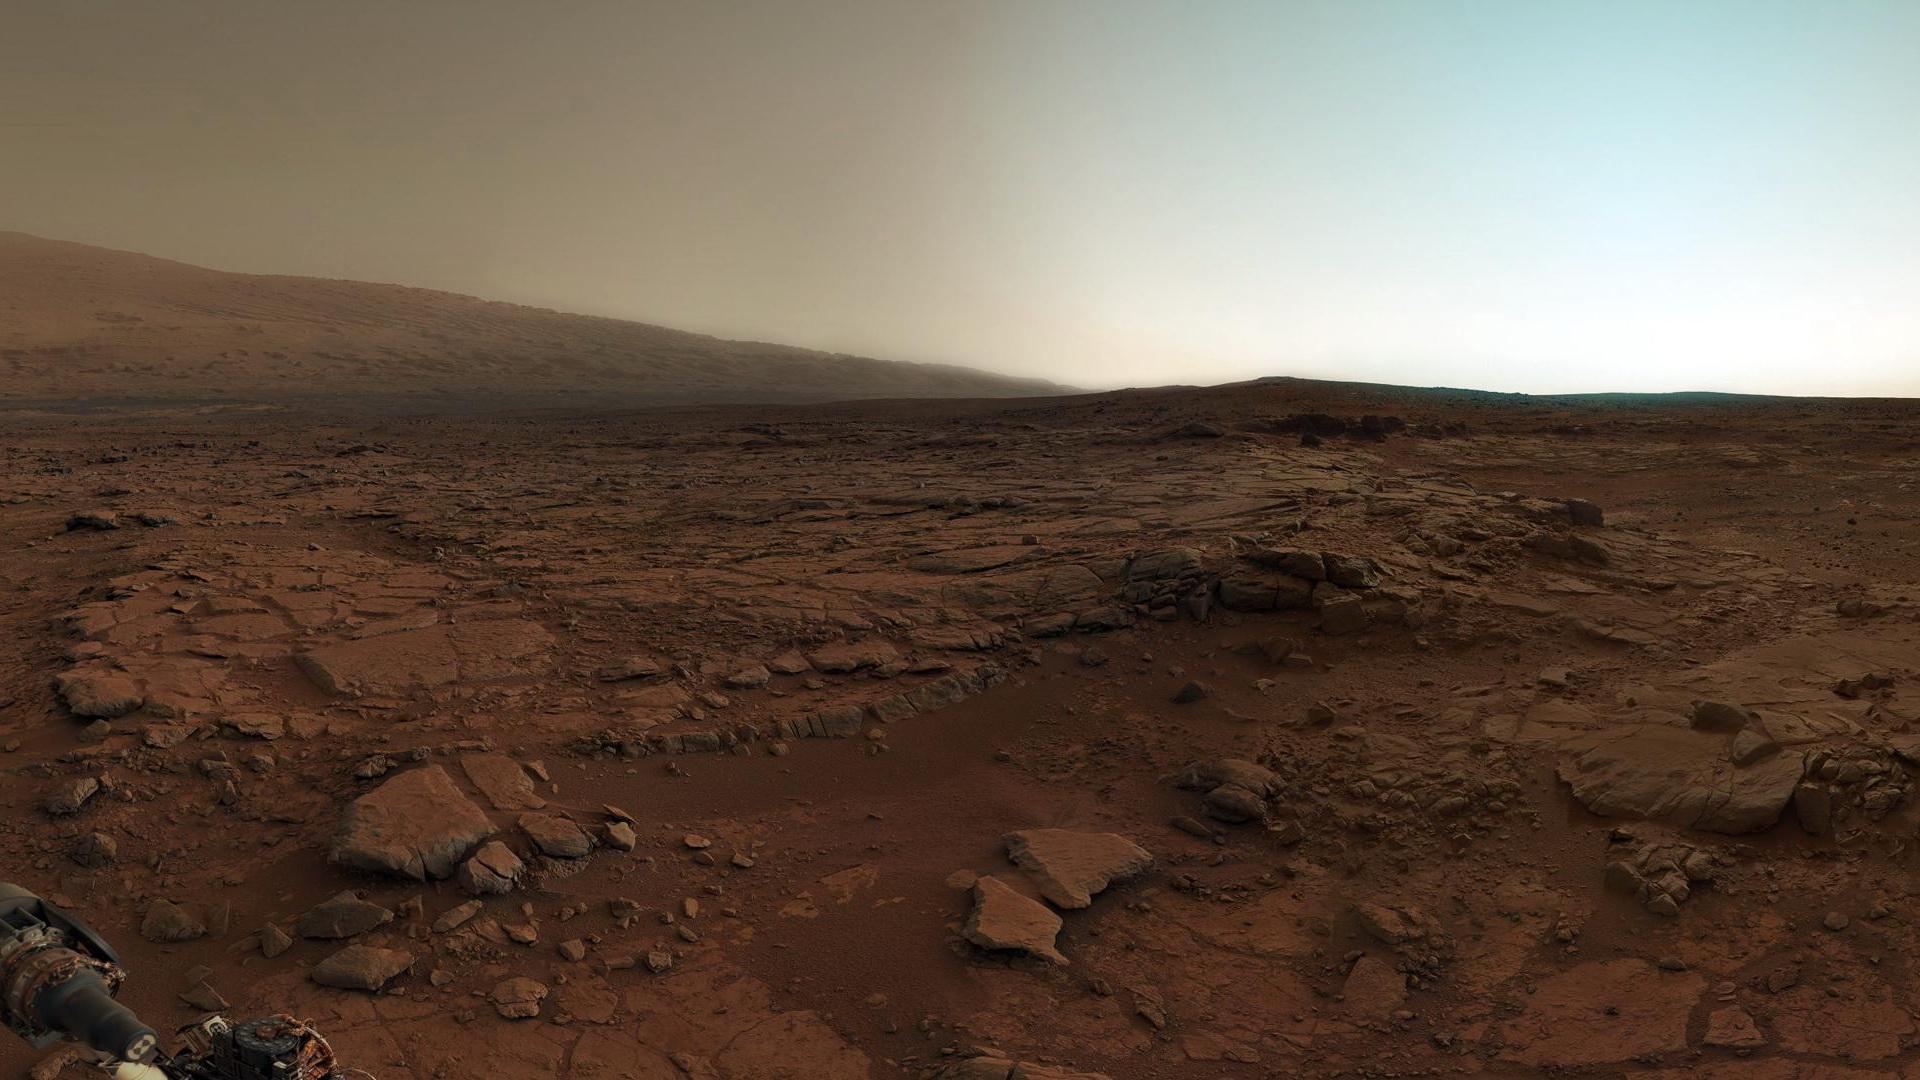 mars surface description - HD1920×1080